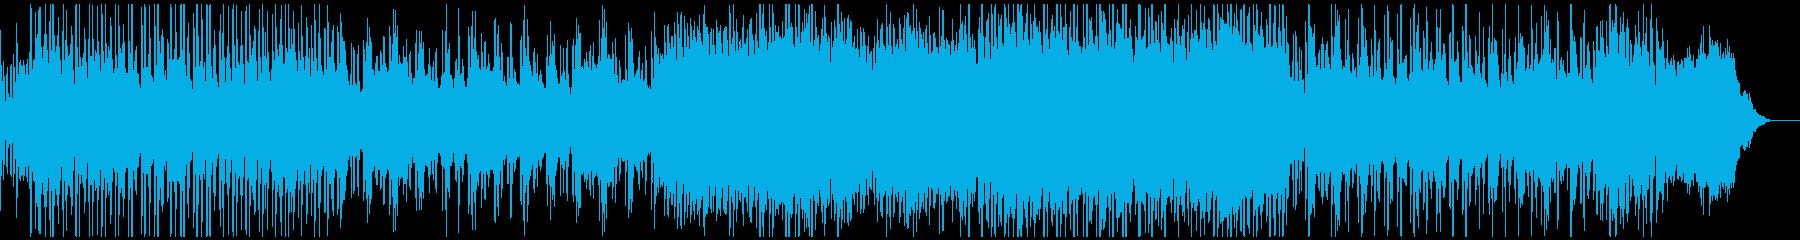 クリスマスのミュージカル風オーケストラの再生済みの波形